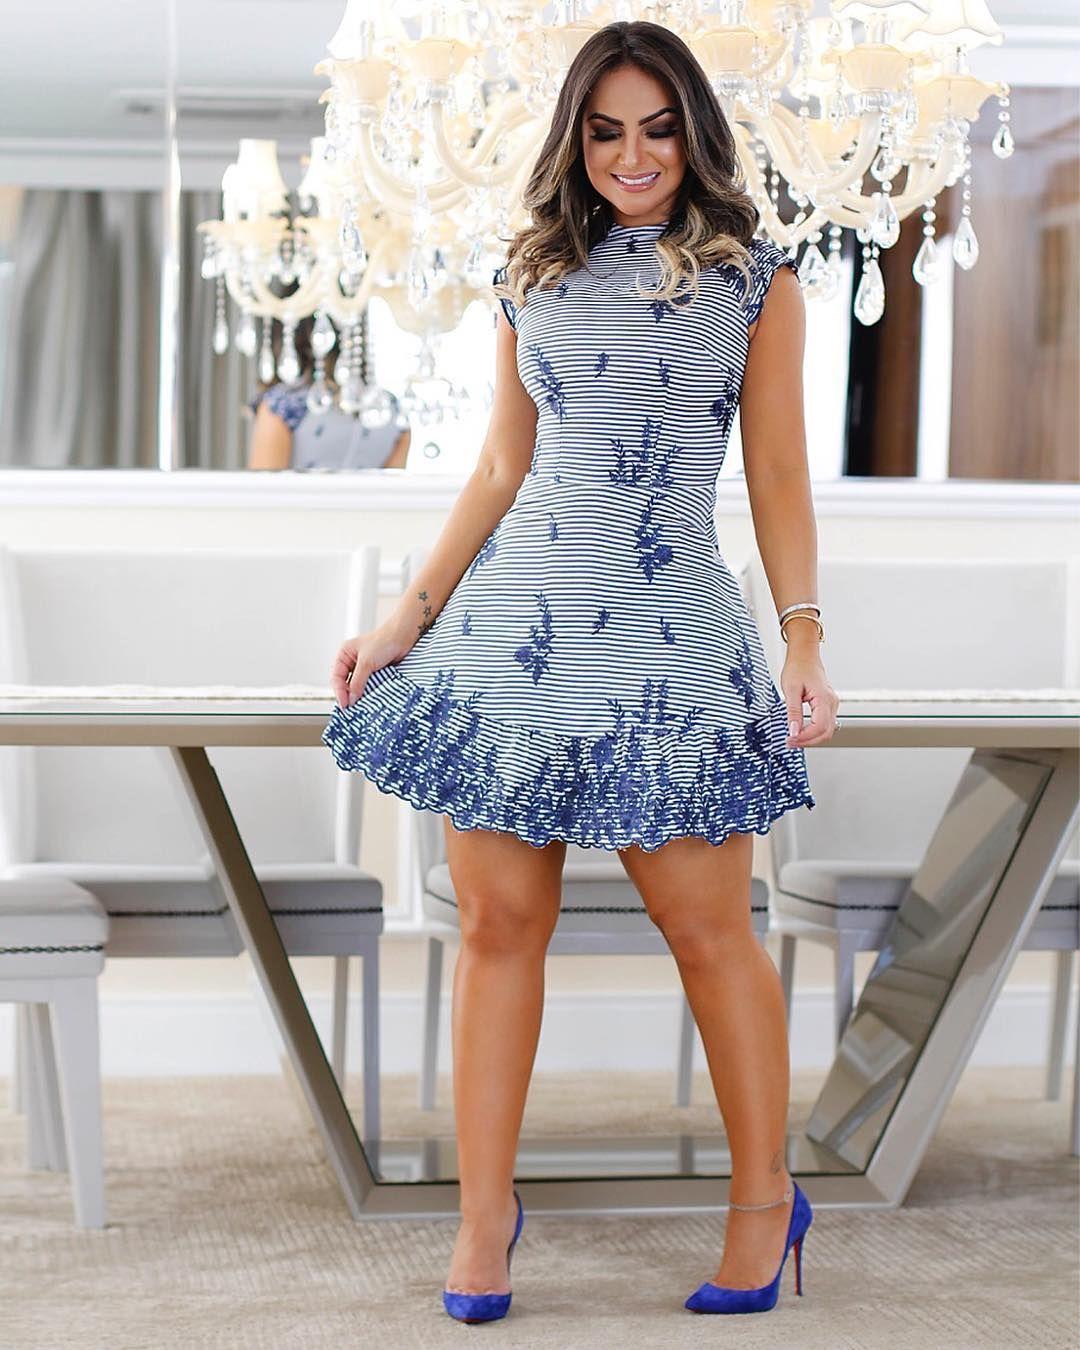 62d18c4de Pin de Ruth em vestidos♥ em 2019 | Dresses, Outfits e Cute outfits